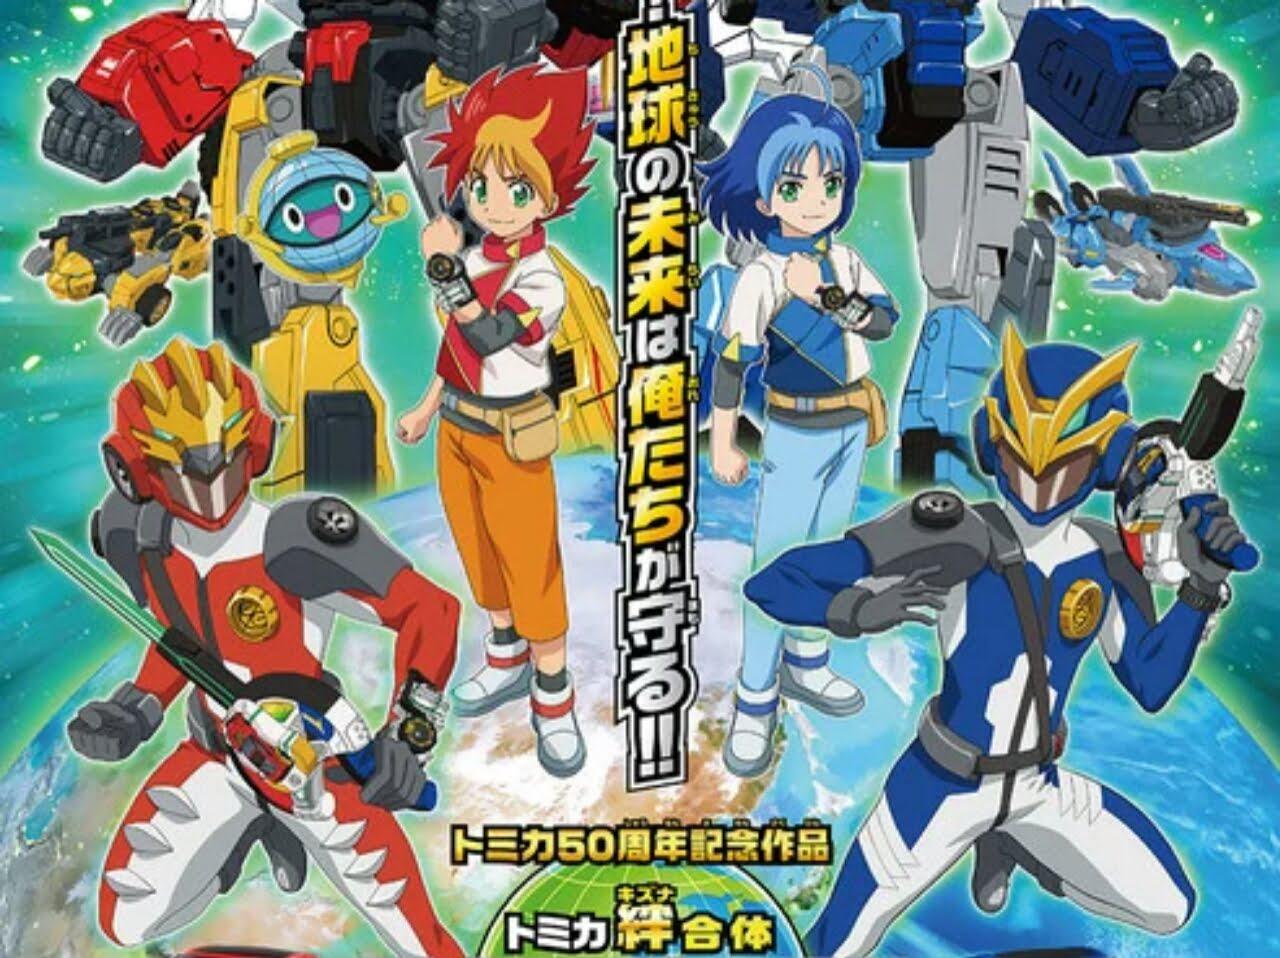 Mainan Mobil-Mobilan Tomica Dari Takara Tomy Dapatkan Anime TV Earth Granner Pada Bulan April 2020 1